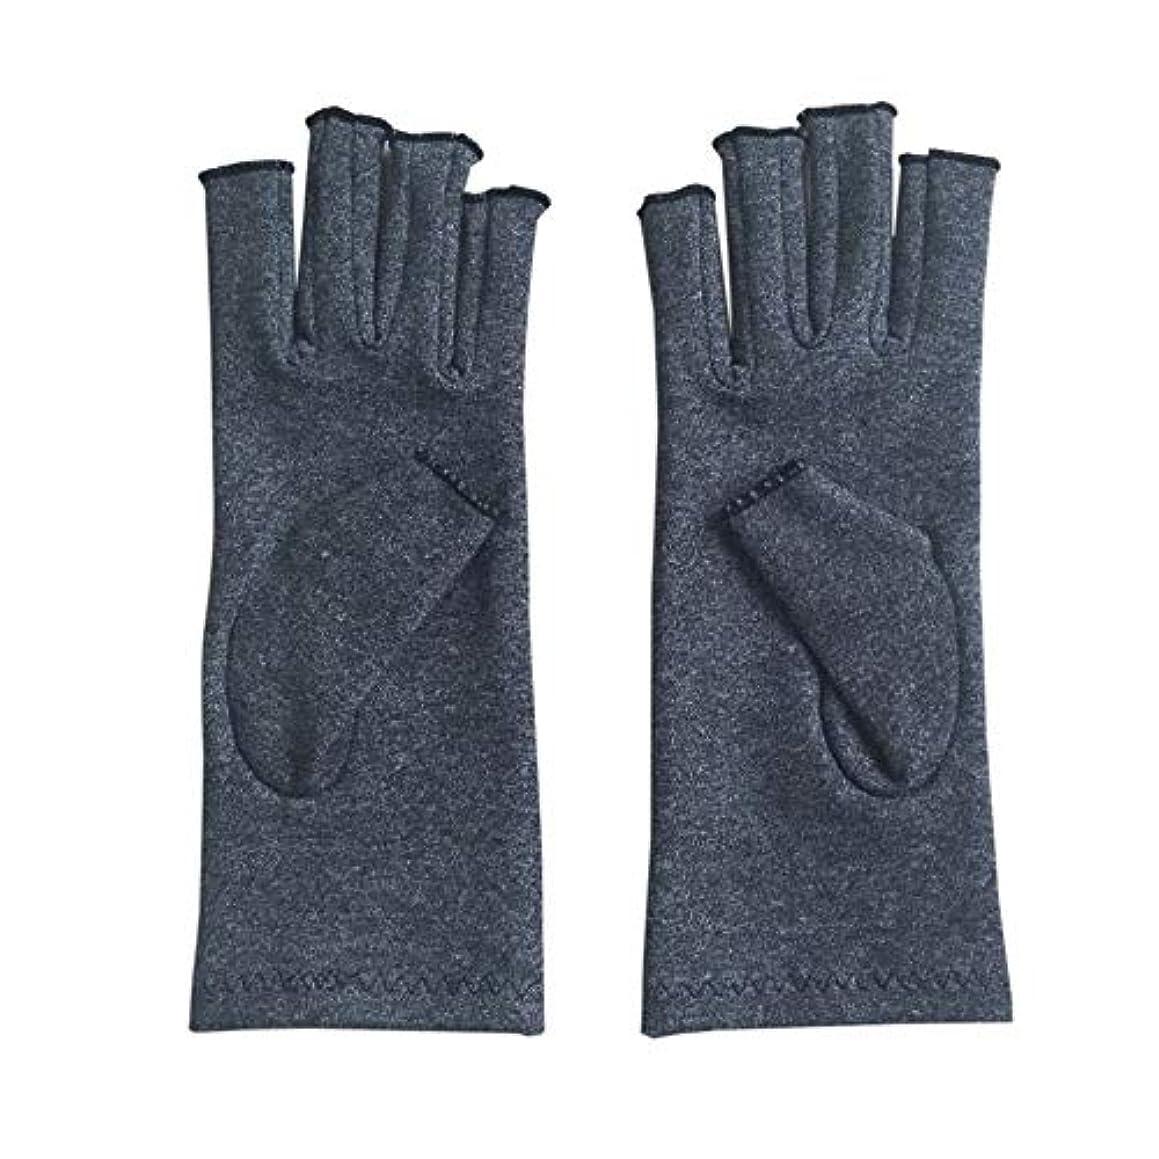 津波促す輝くペア/セット快適な男性女性療法圧縮手袋無地通気性関節炎関節痛緩和手袋 - グレーM